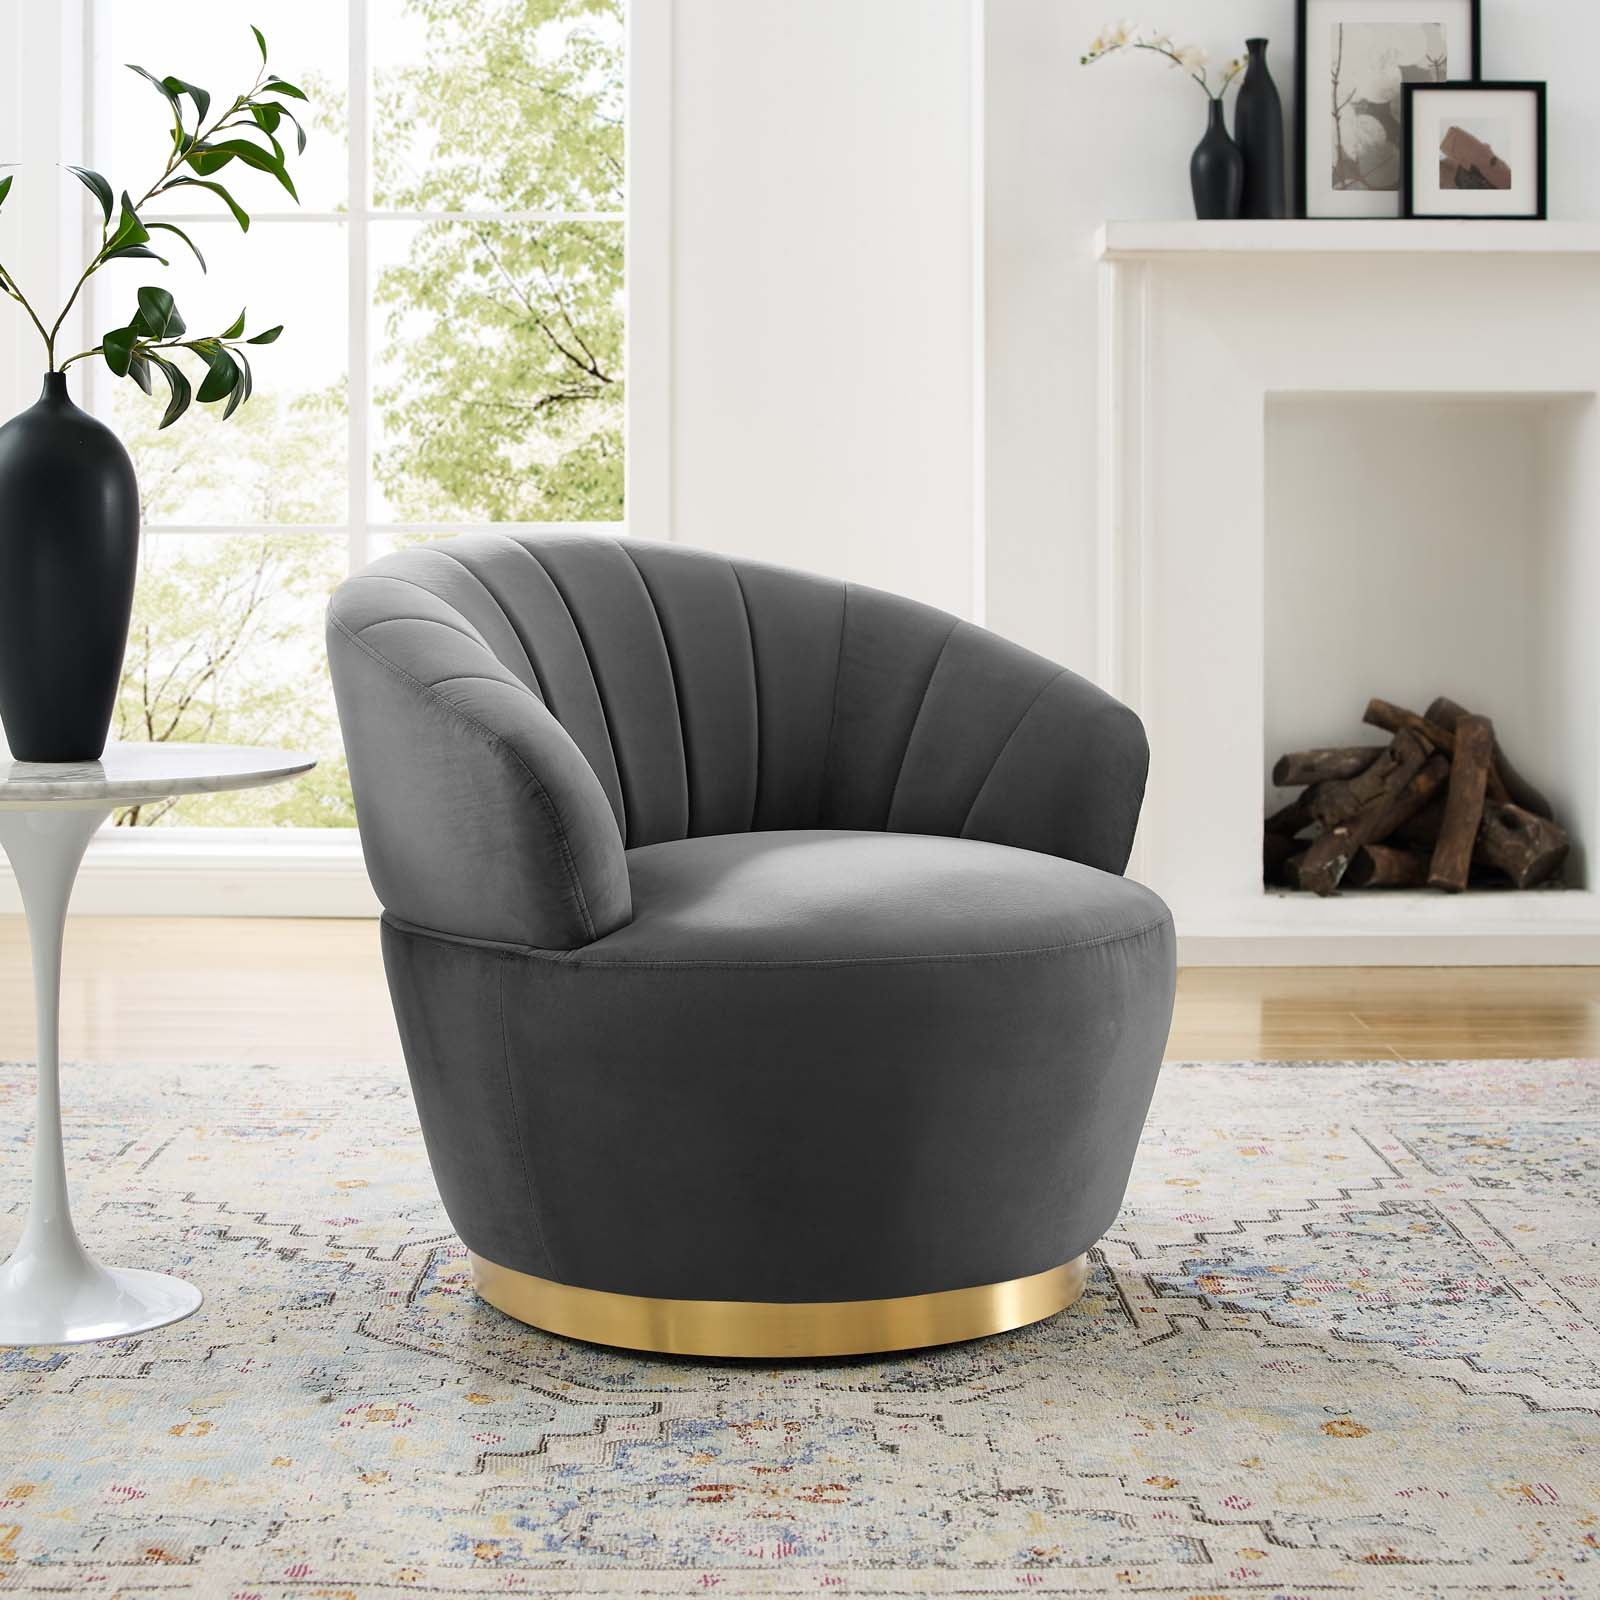 Billow Tufted Performance Velvet Swivel Chair in Gray